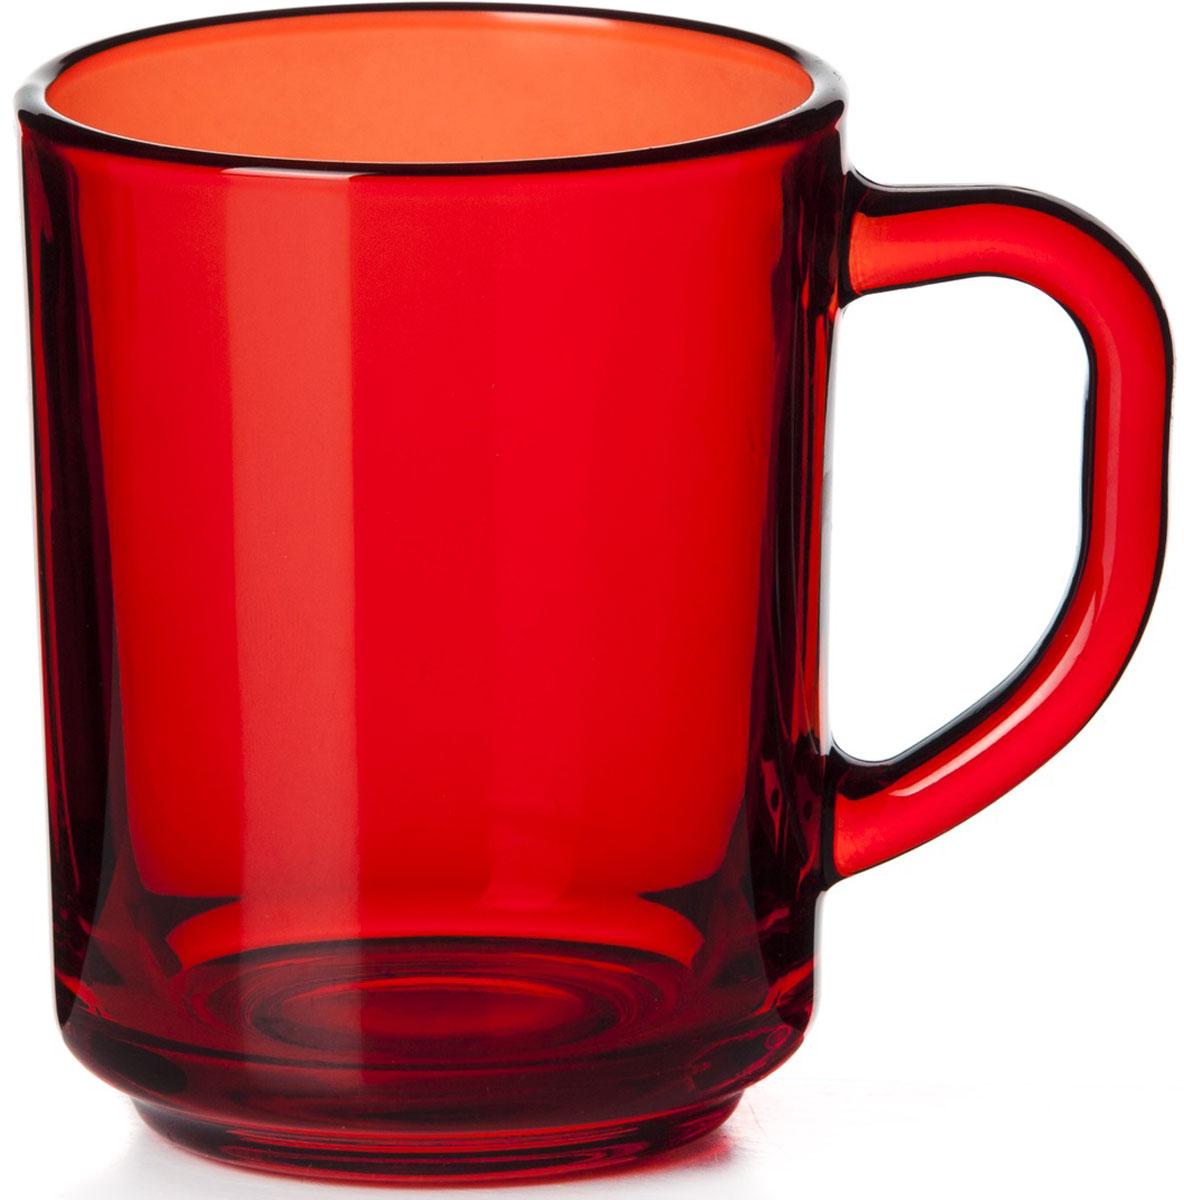 Кружка Pasabahce Энжой Рэд, цвет: красный, 250 мл55029SLBD32Кружка Pasabahce Энжой Рэд изготовлена из прозрачного цветного стекла. Изделие идеально подходит для сервировки стола.Кружка не только украсит ваш кухонный стол, но и подчеркнет прекрасный вкус хозяйки. Объем кружки: 250 мл.